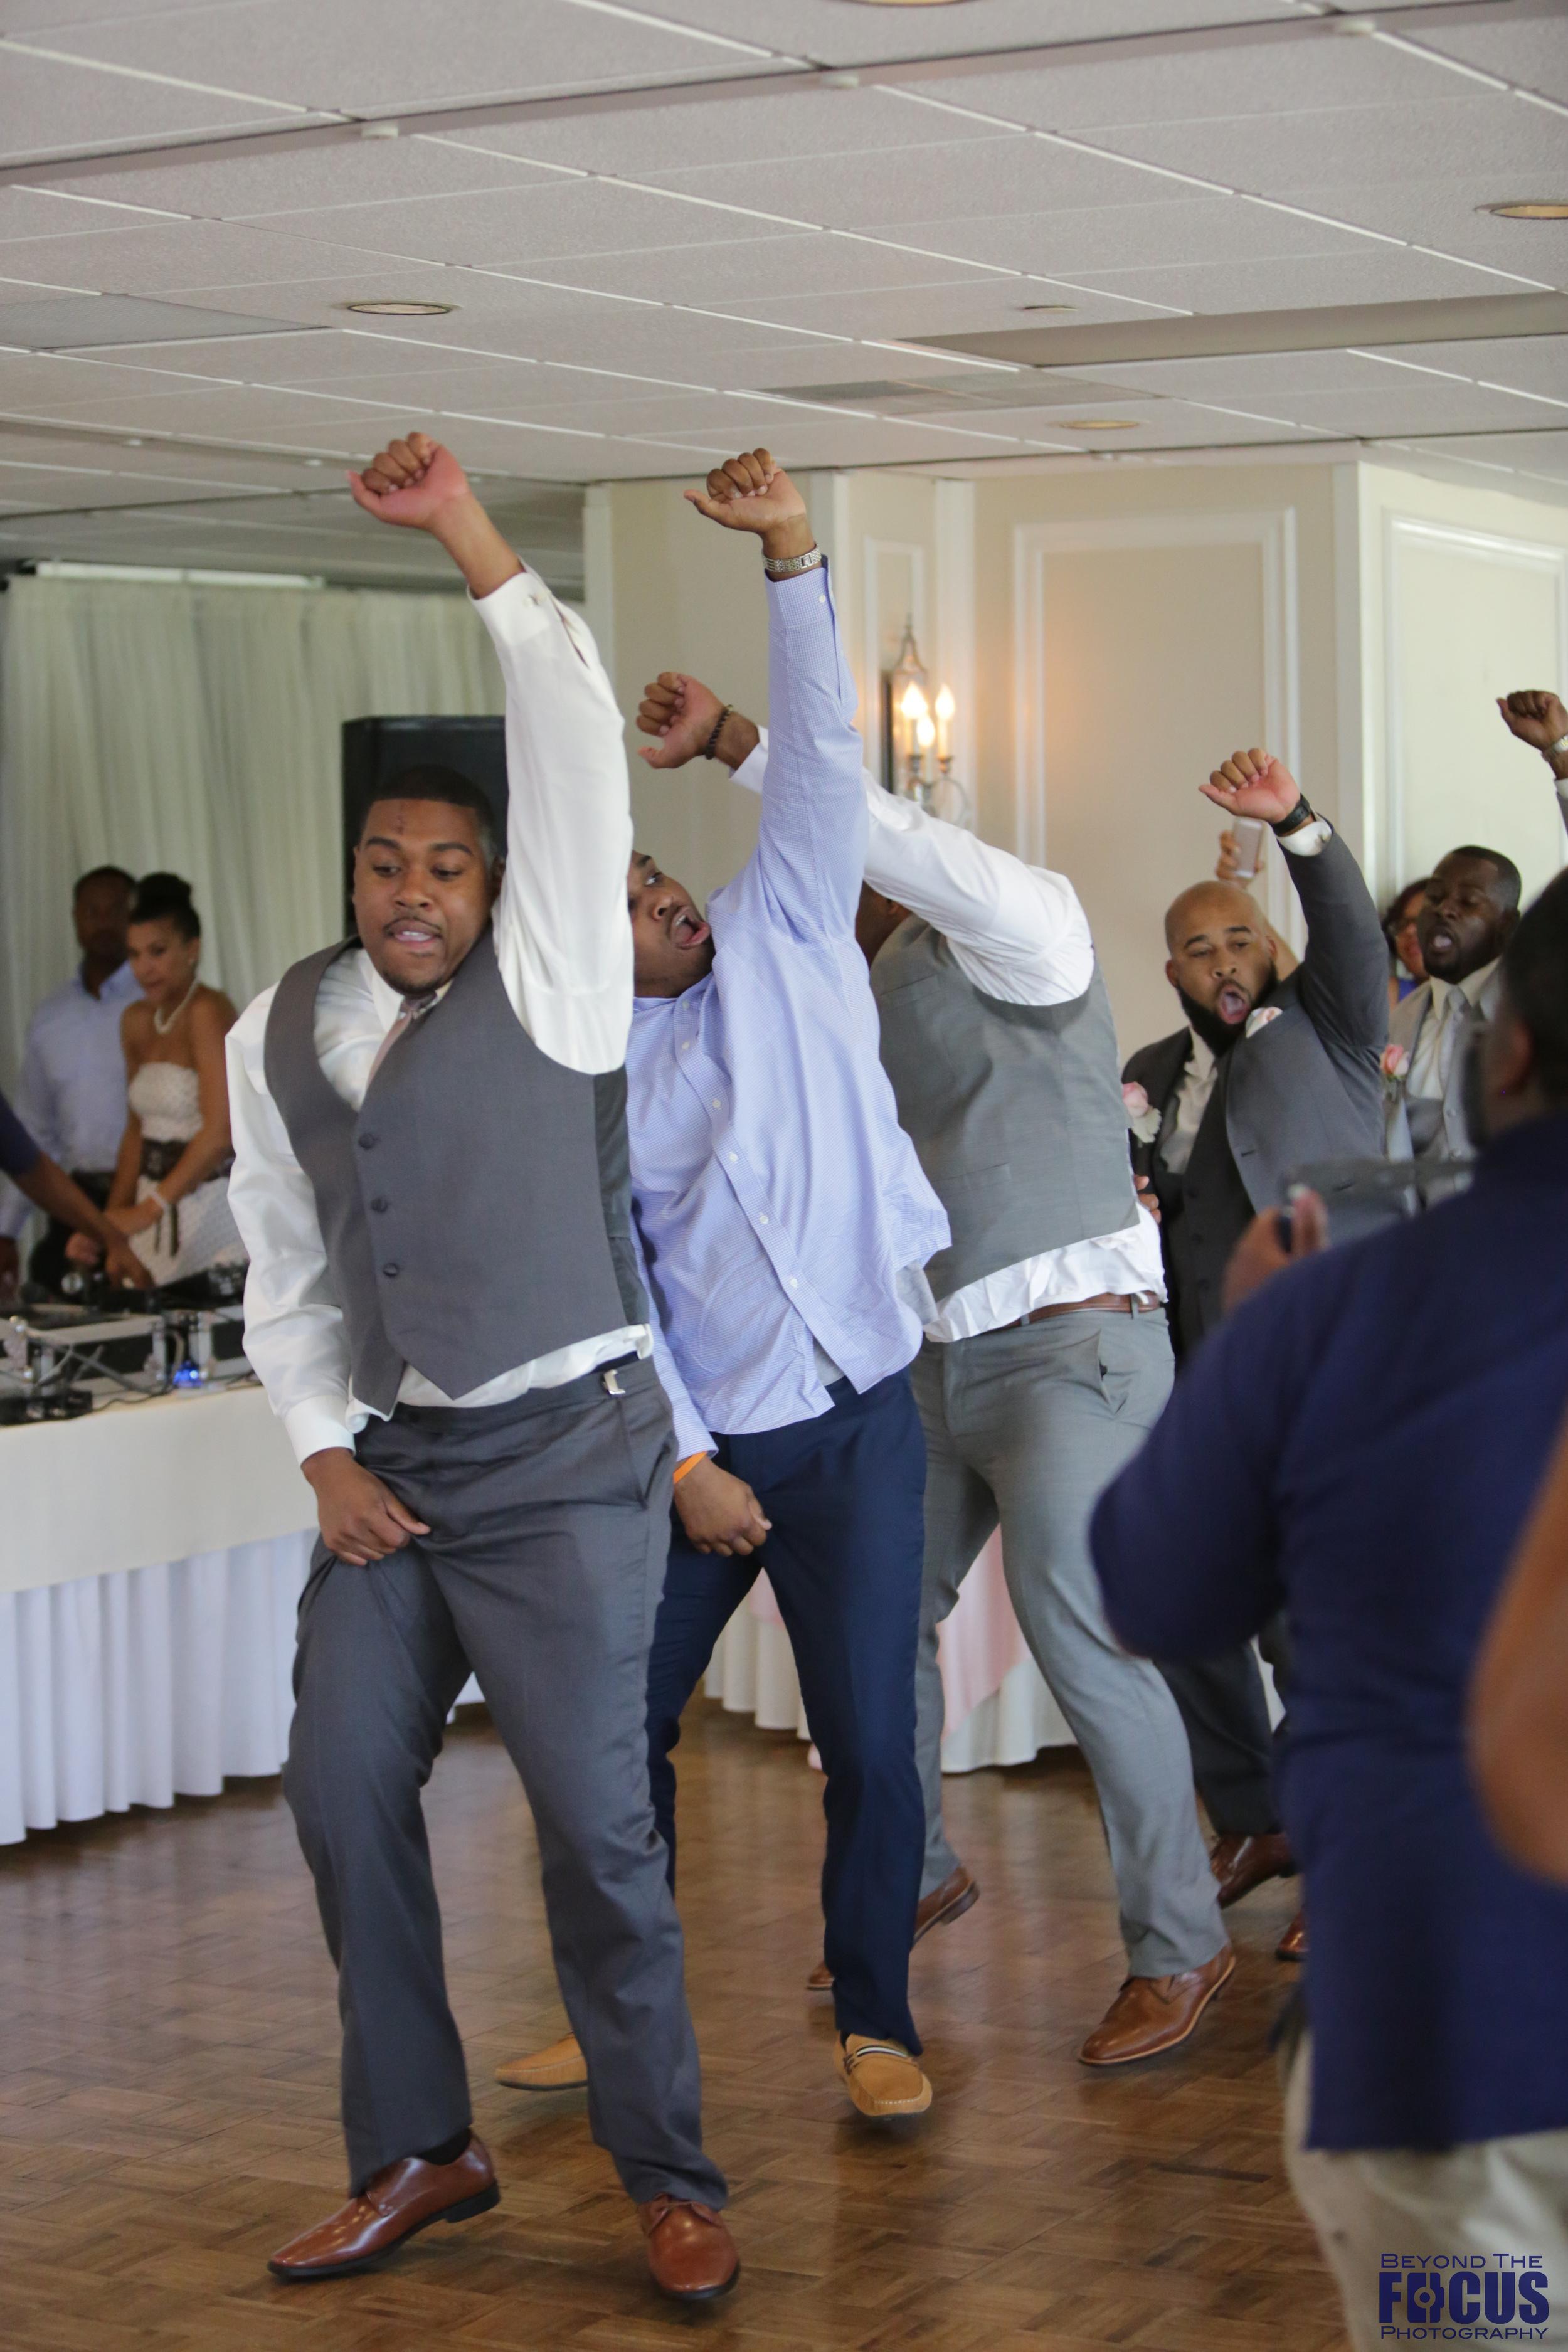 Palmer Wedding - Reception 210.jpg